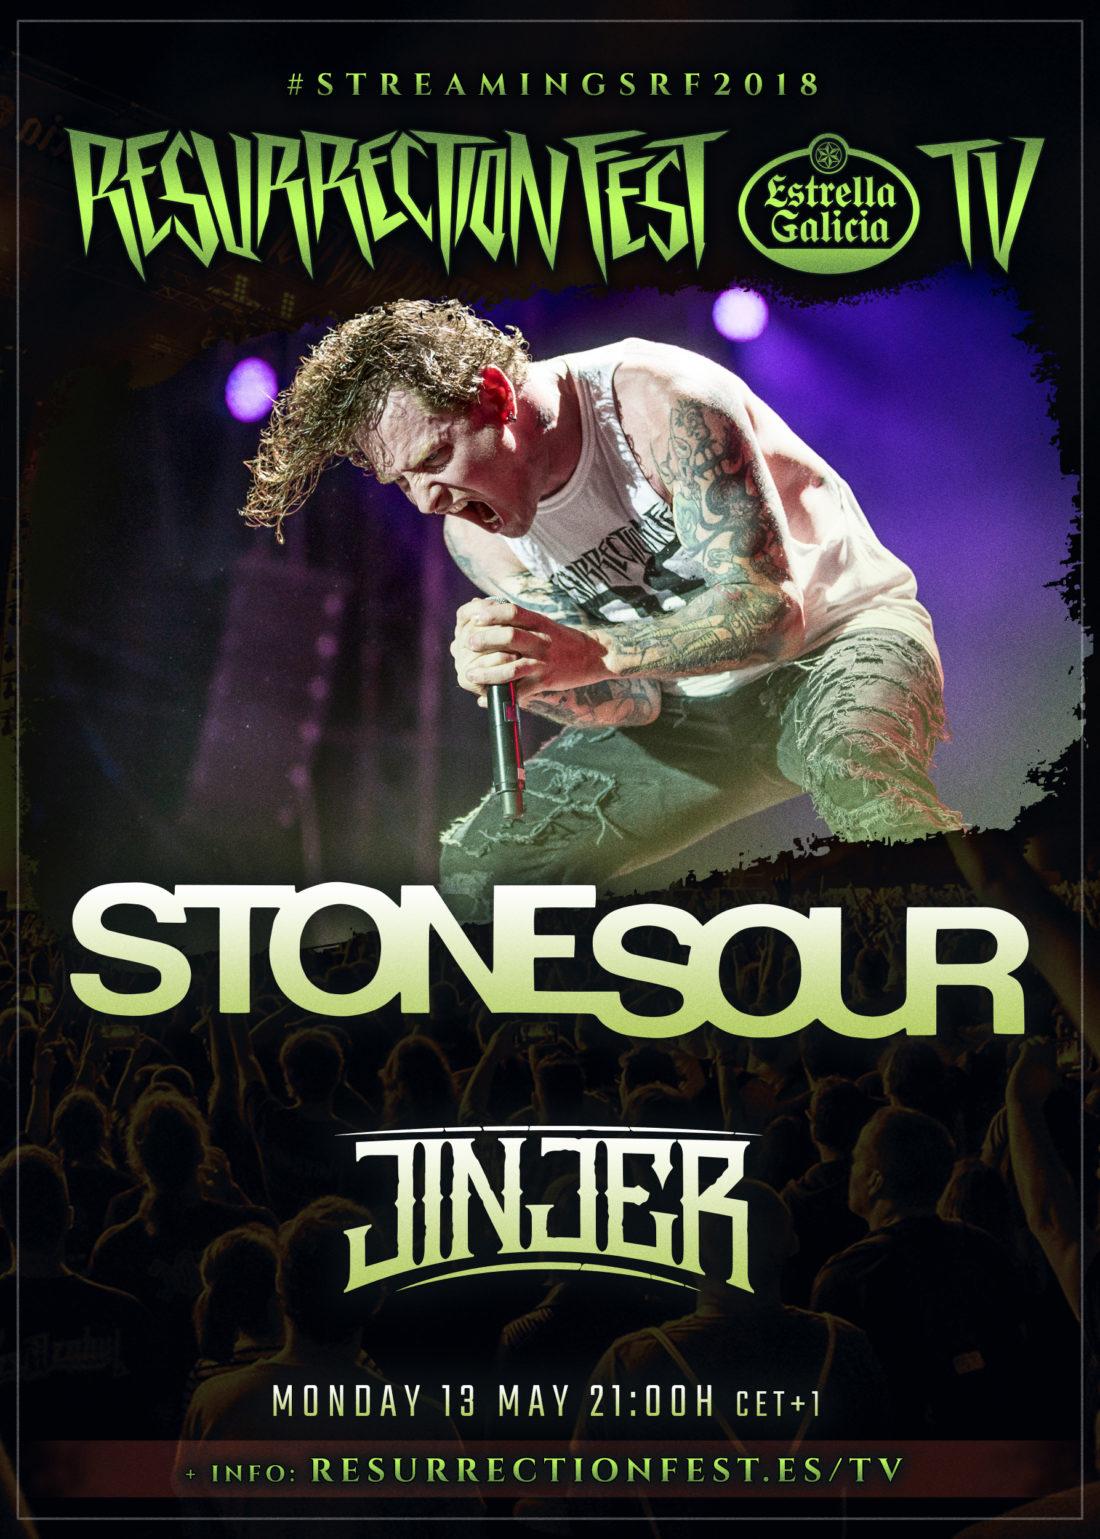 Conciertos en streaming del Resurrection Fest EG 2018: Stone Sour y Jinjer